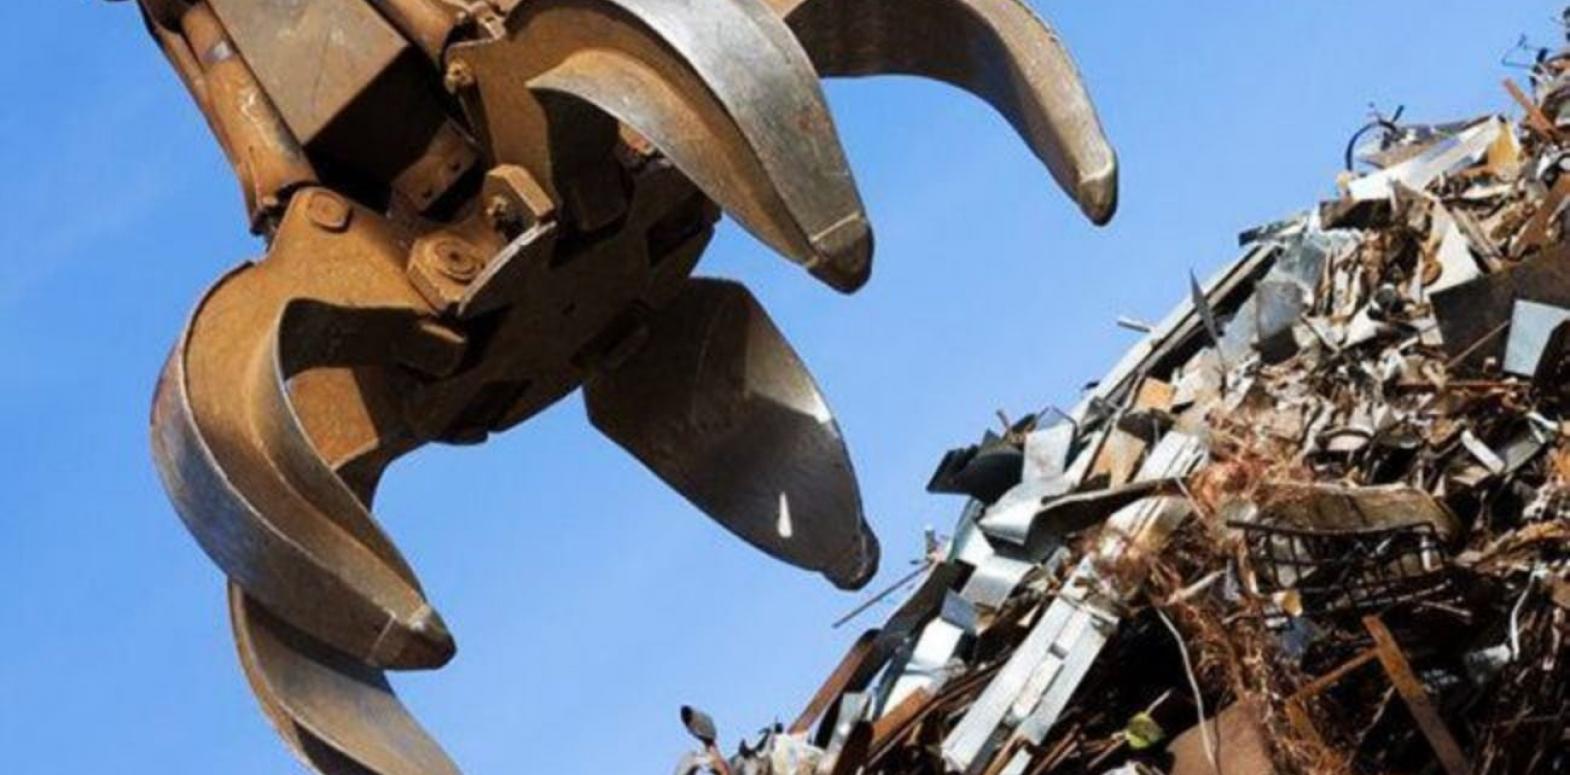 Экспорт металлолома необходимо запретить до конца 2023 года, - ФРУ